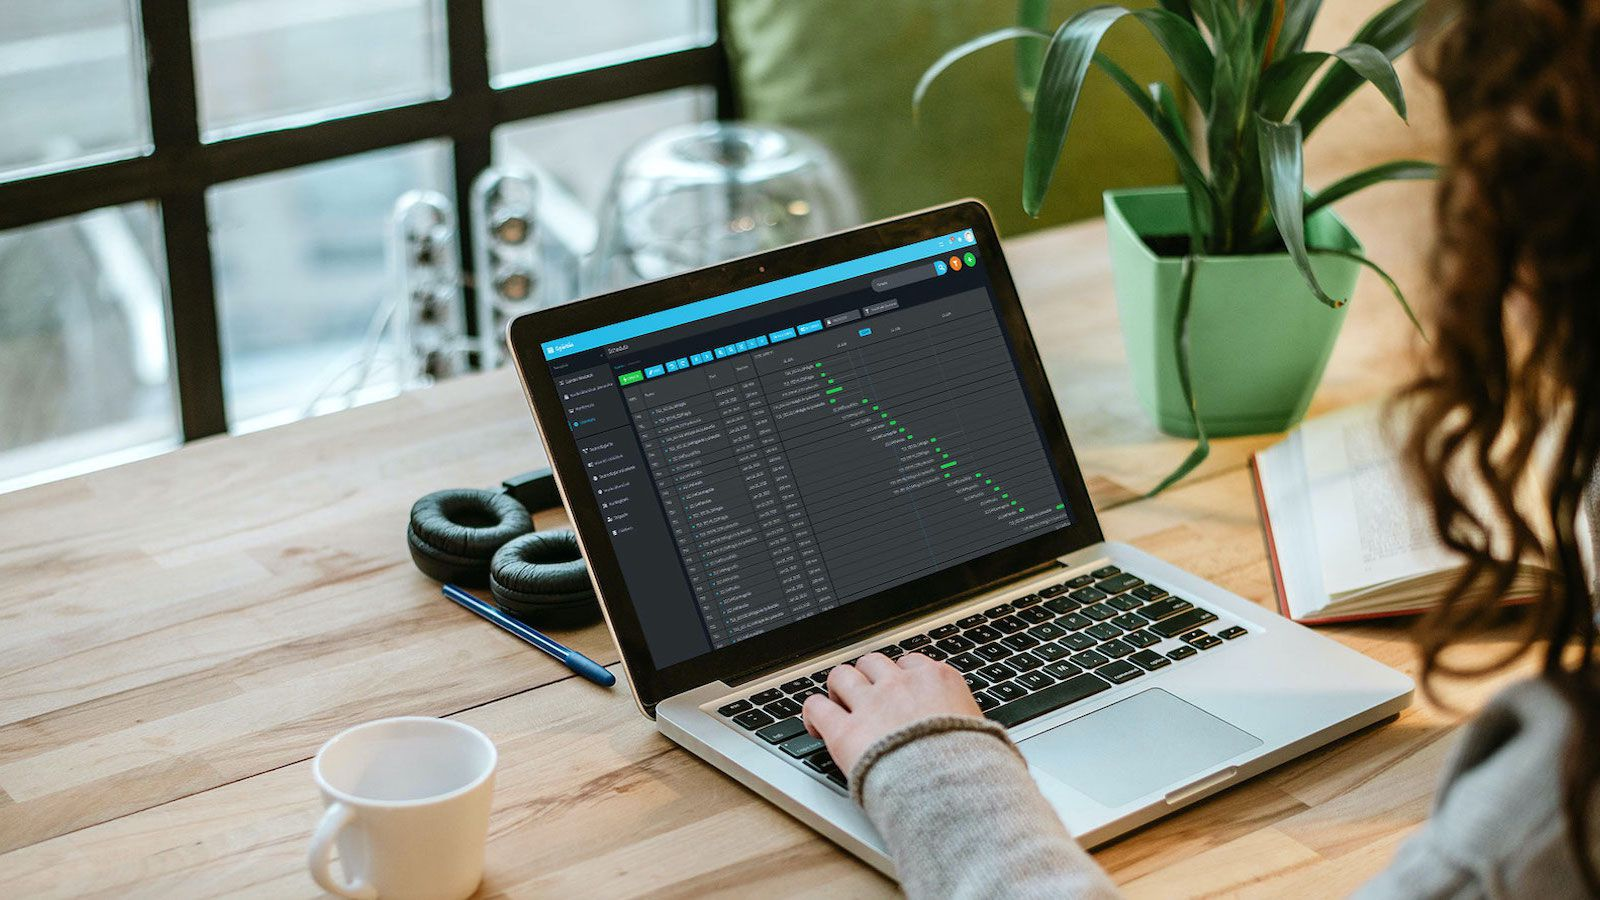 Véget vet az irodai időpazarlásnak egy új magyar applikáció